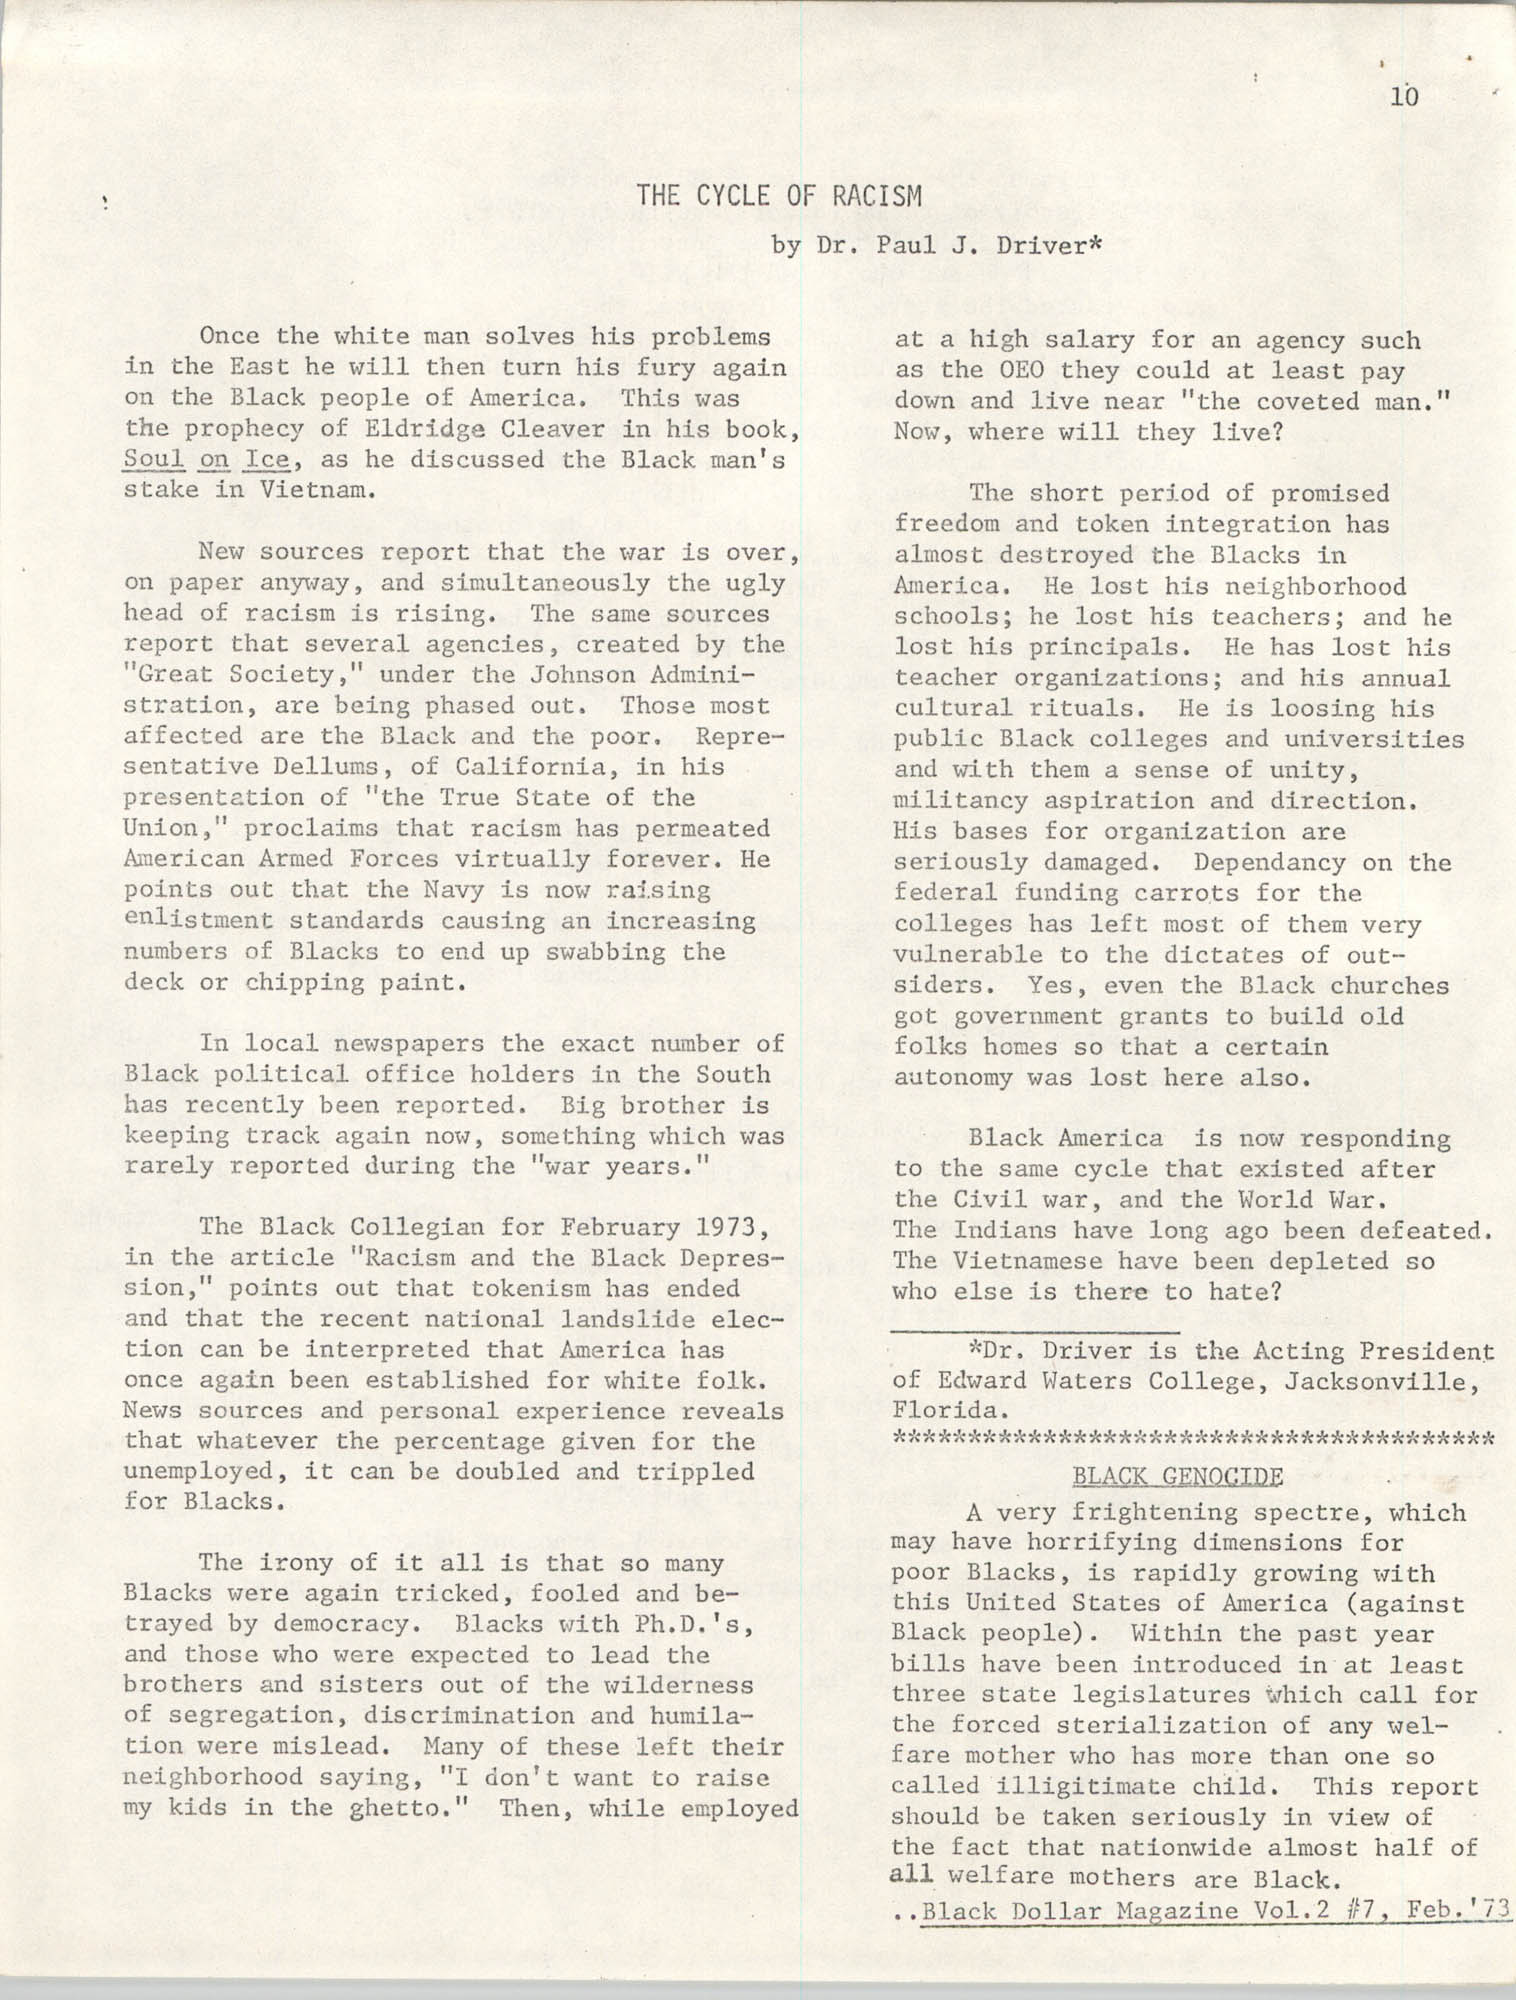 SHARE, Volume I, Number 8, April 1973, Page 10